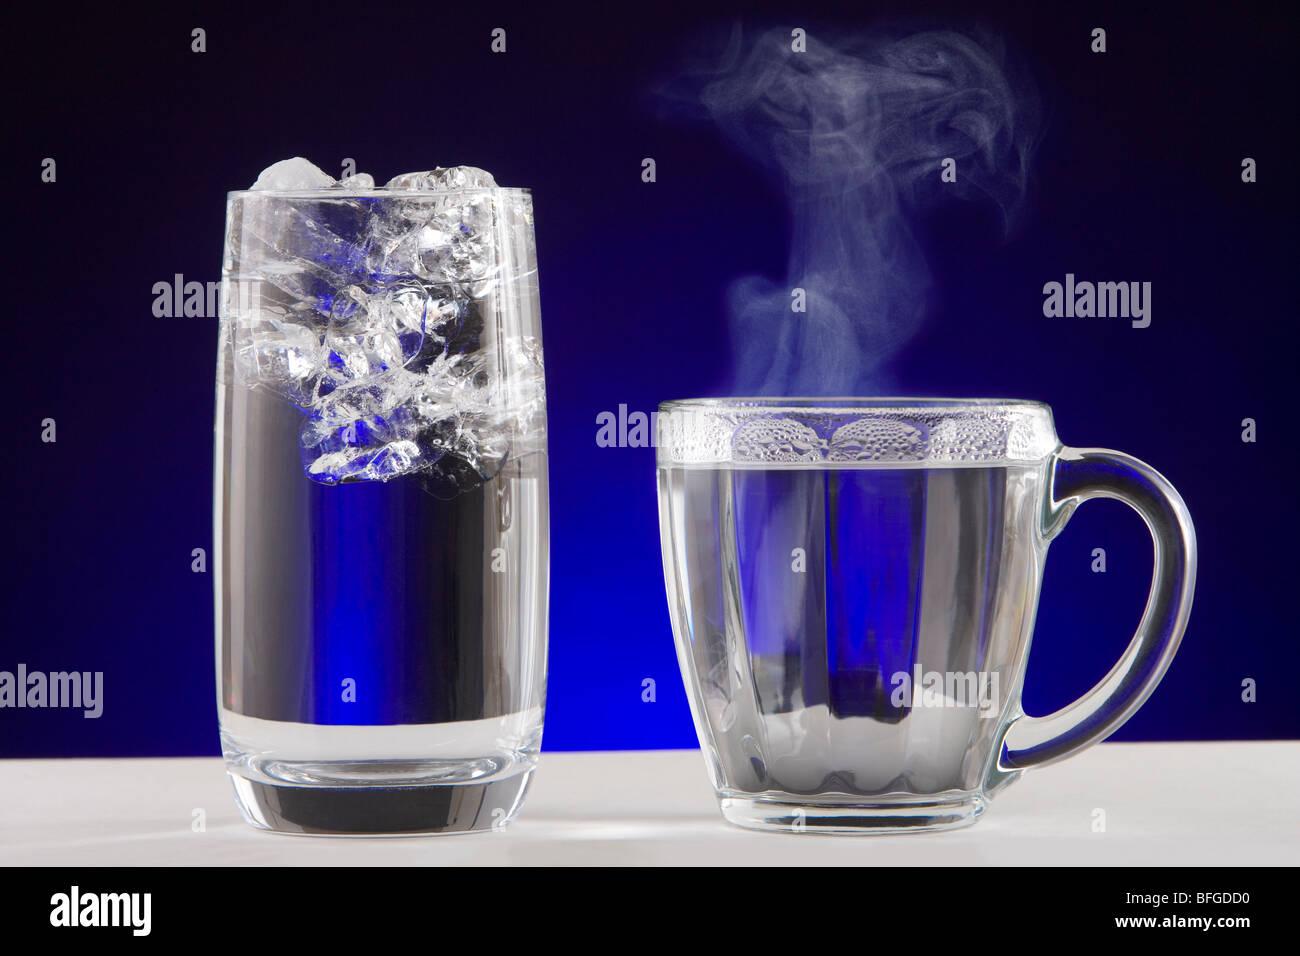 L'eau de vapeur de la glace. Un verre d'eau glacée et une tasse de thé de l'eau vapeur chaude. Photo Stock